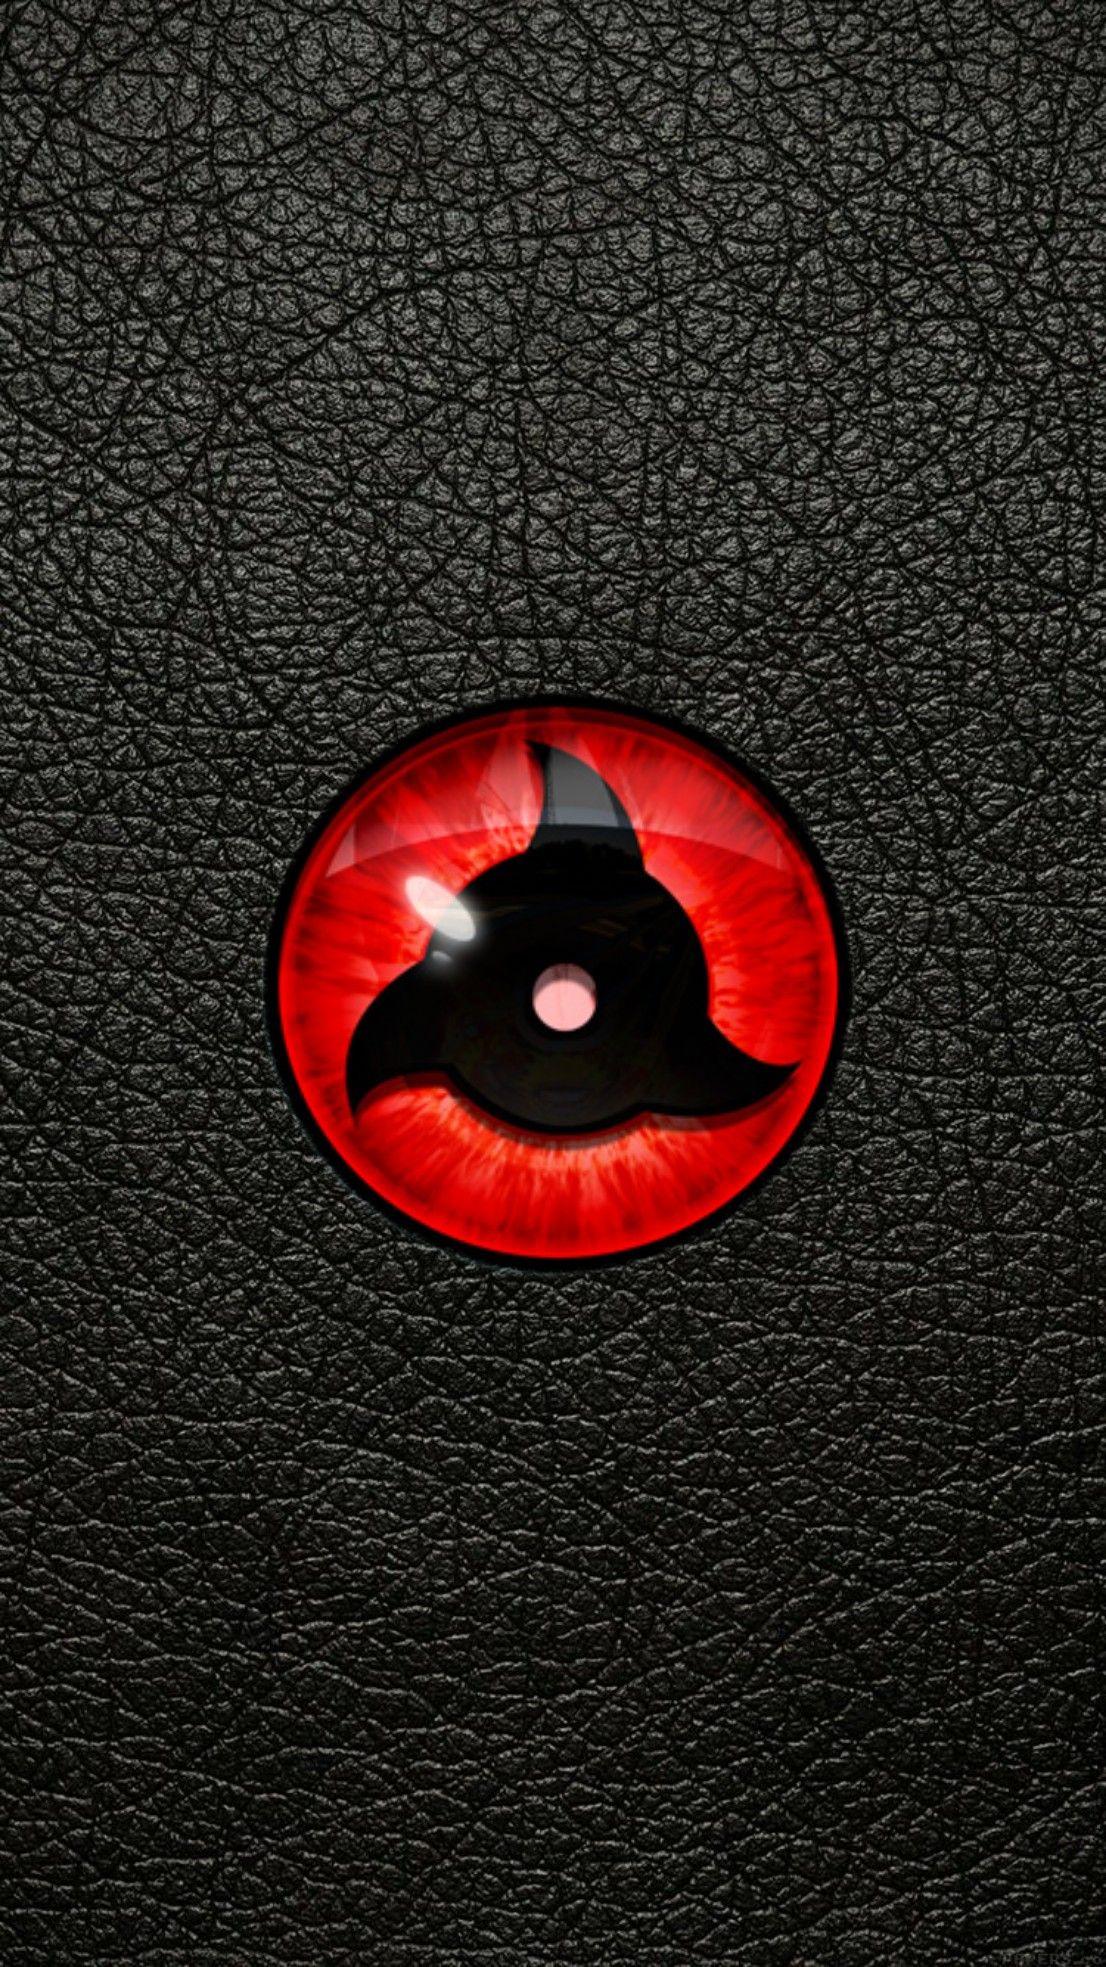 Naruto Sharingan Eyes Black Wallpaper Android Iphone